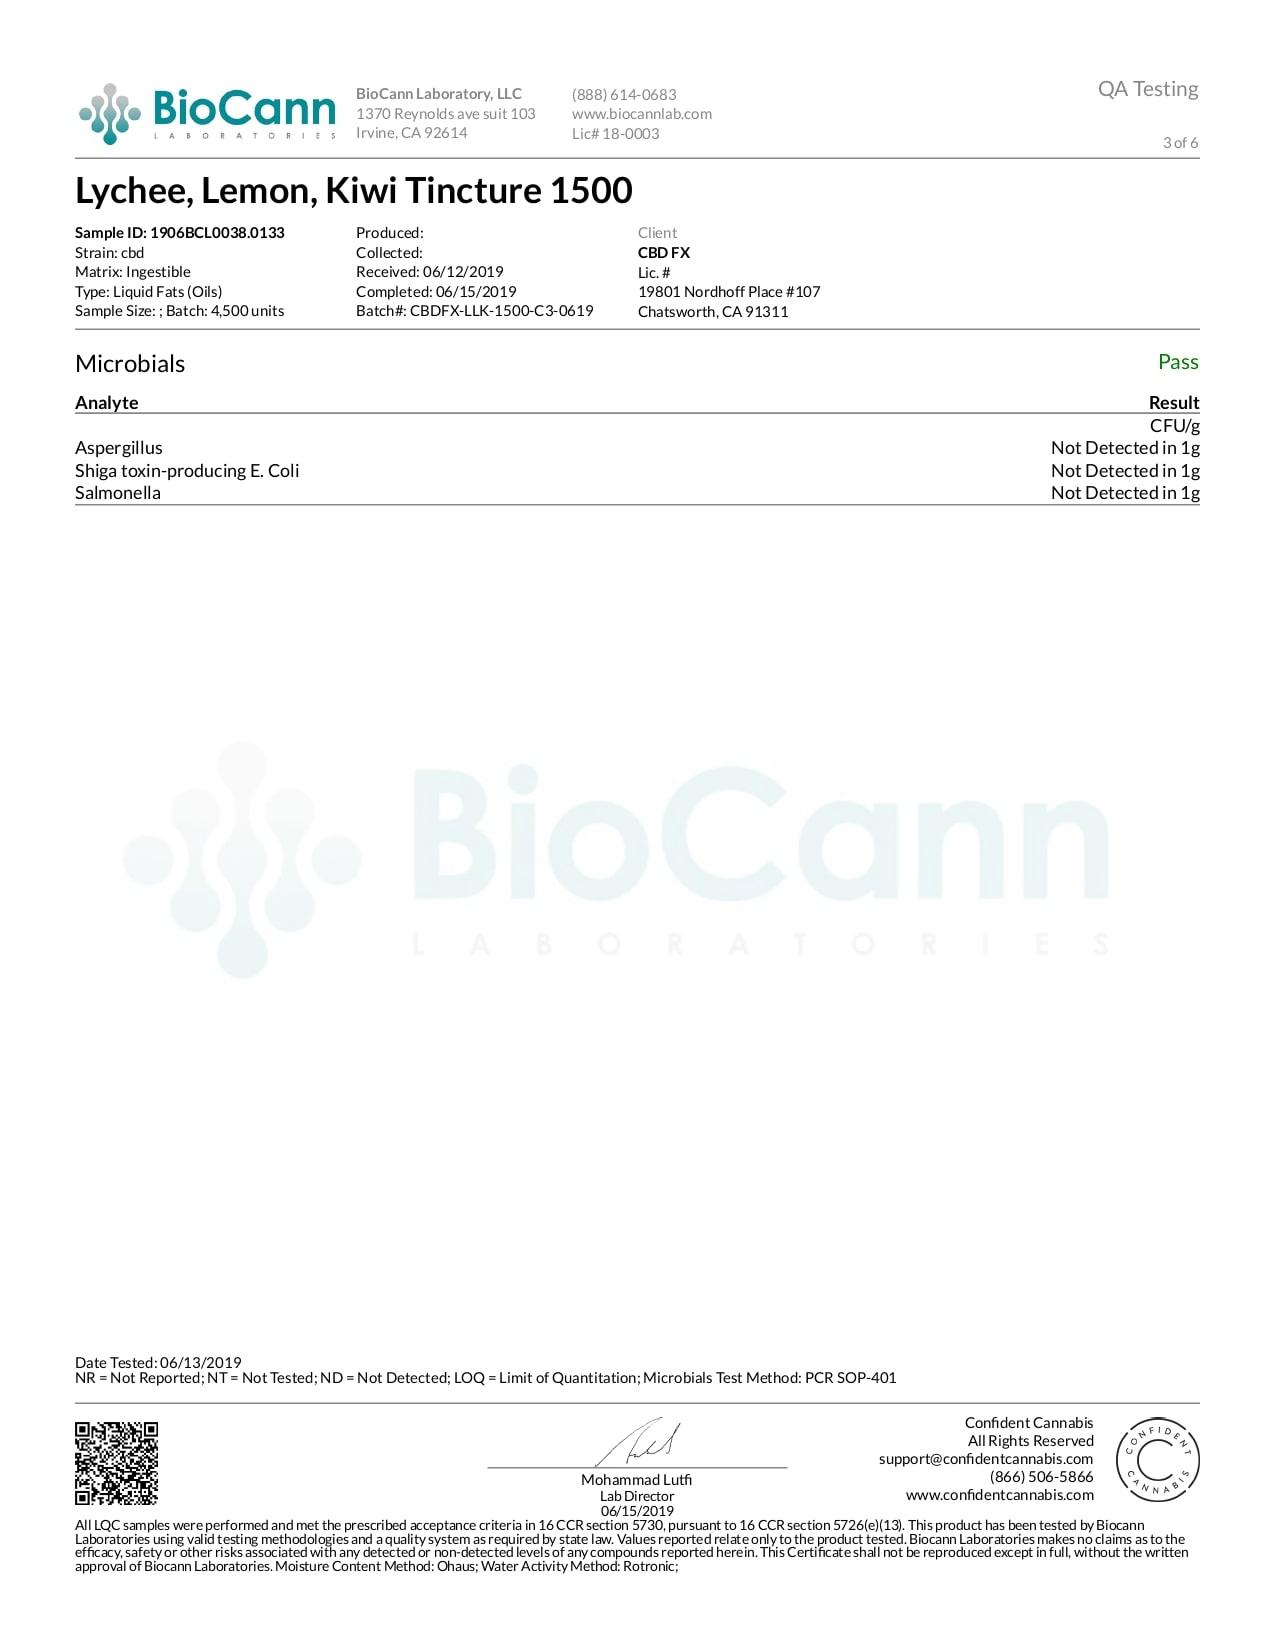 CBDfx Lychee Lemon Kiwi Lab Report CBD Oil Tincture 1500mg